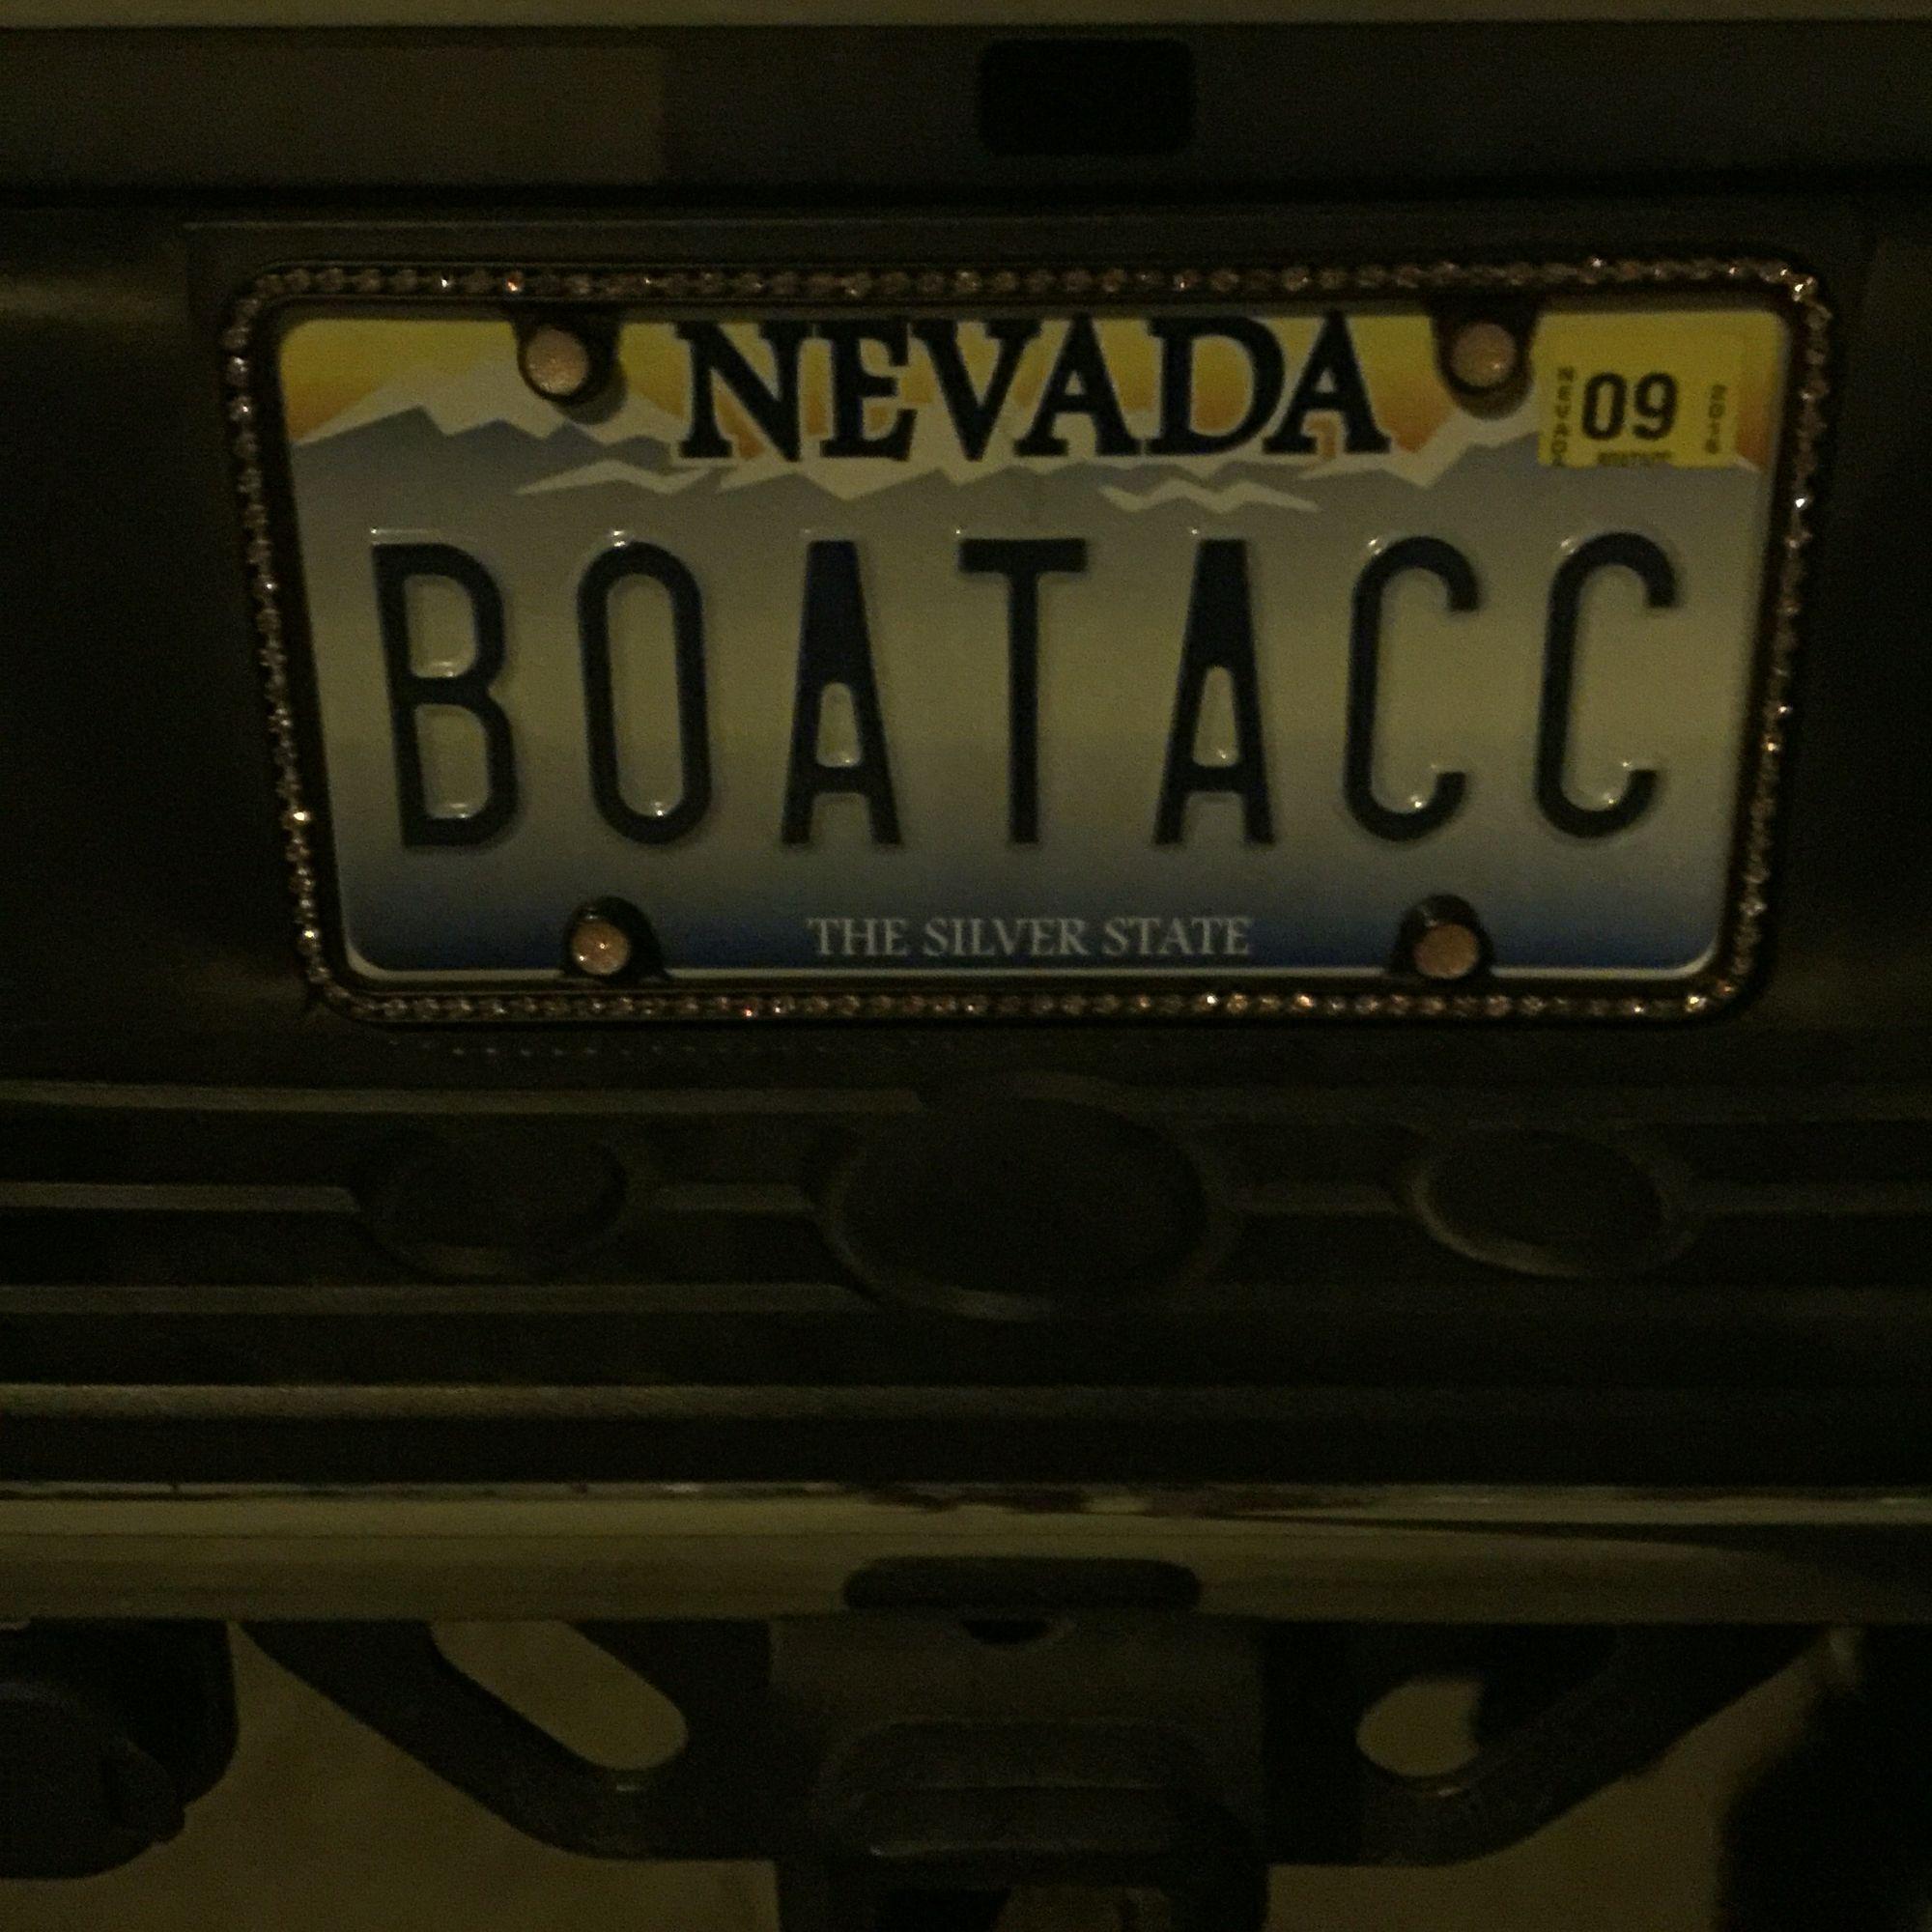 I had to buy a truck so I could tow my boat. I call it a boat ...